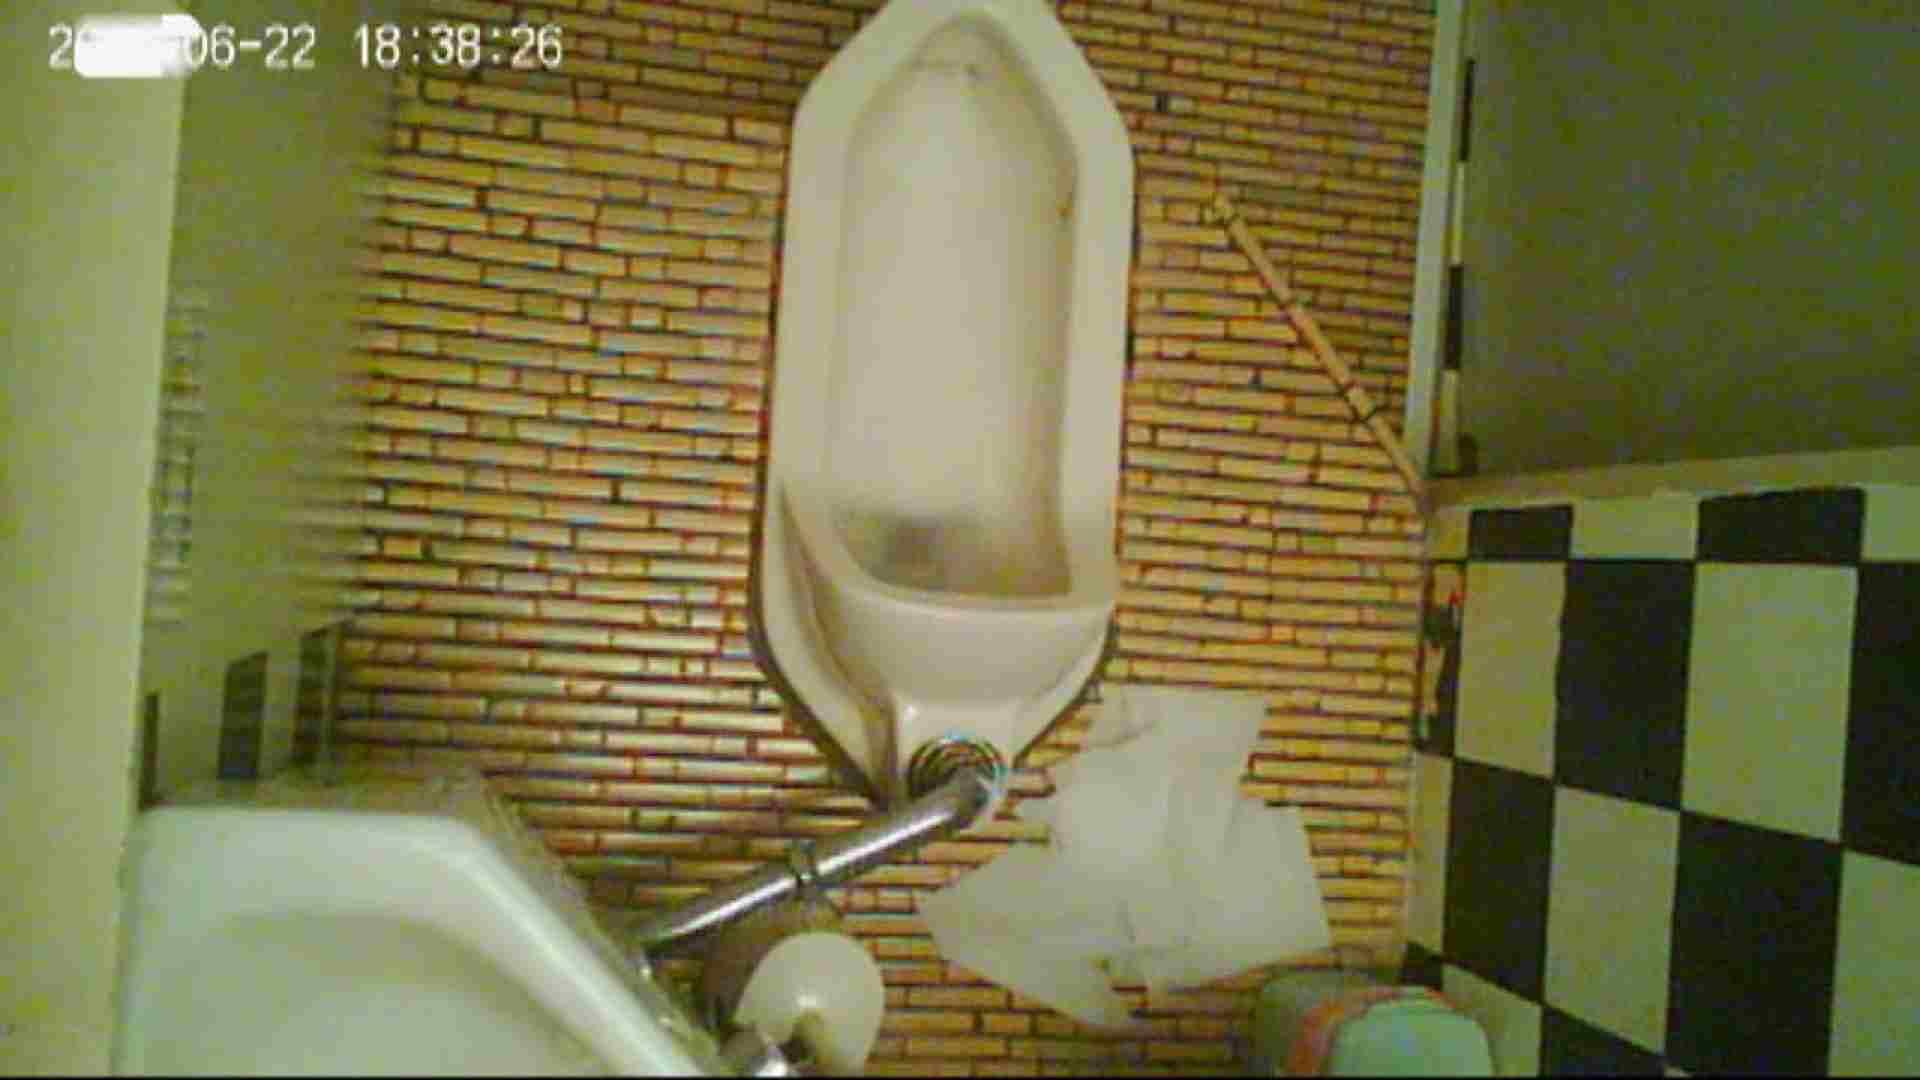 和式トイレの喫茶店店主マロンさんのコレクションvol.7 盗撮   和式  67pic 33